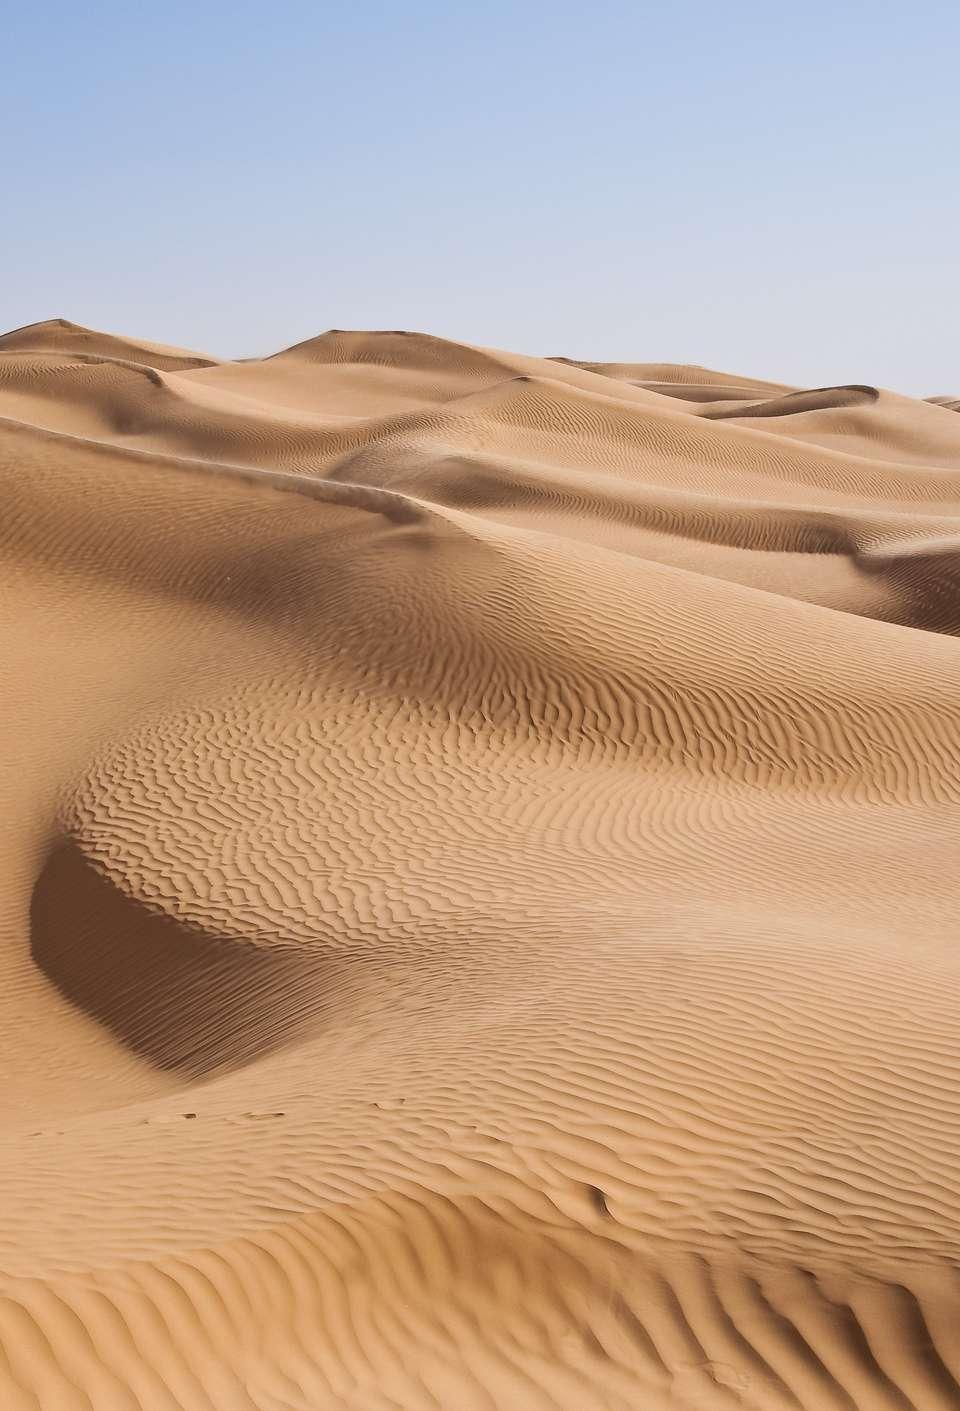 North Africa, Tunisia, Kebili province, East Great Erg, the Sahara